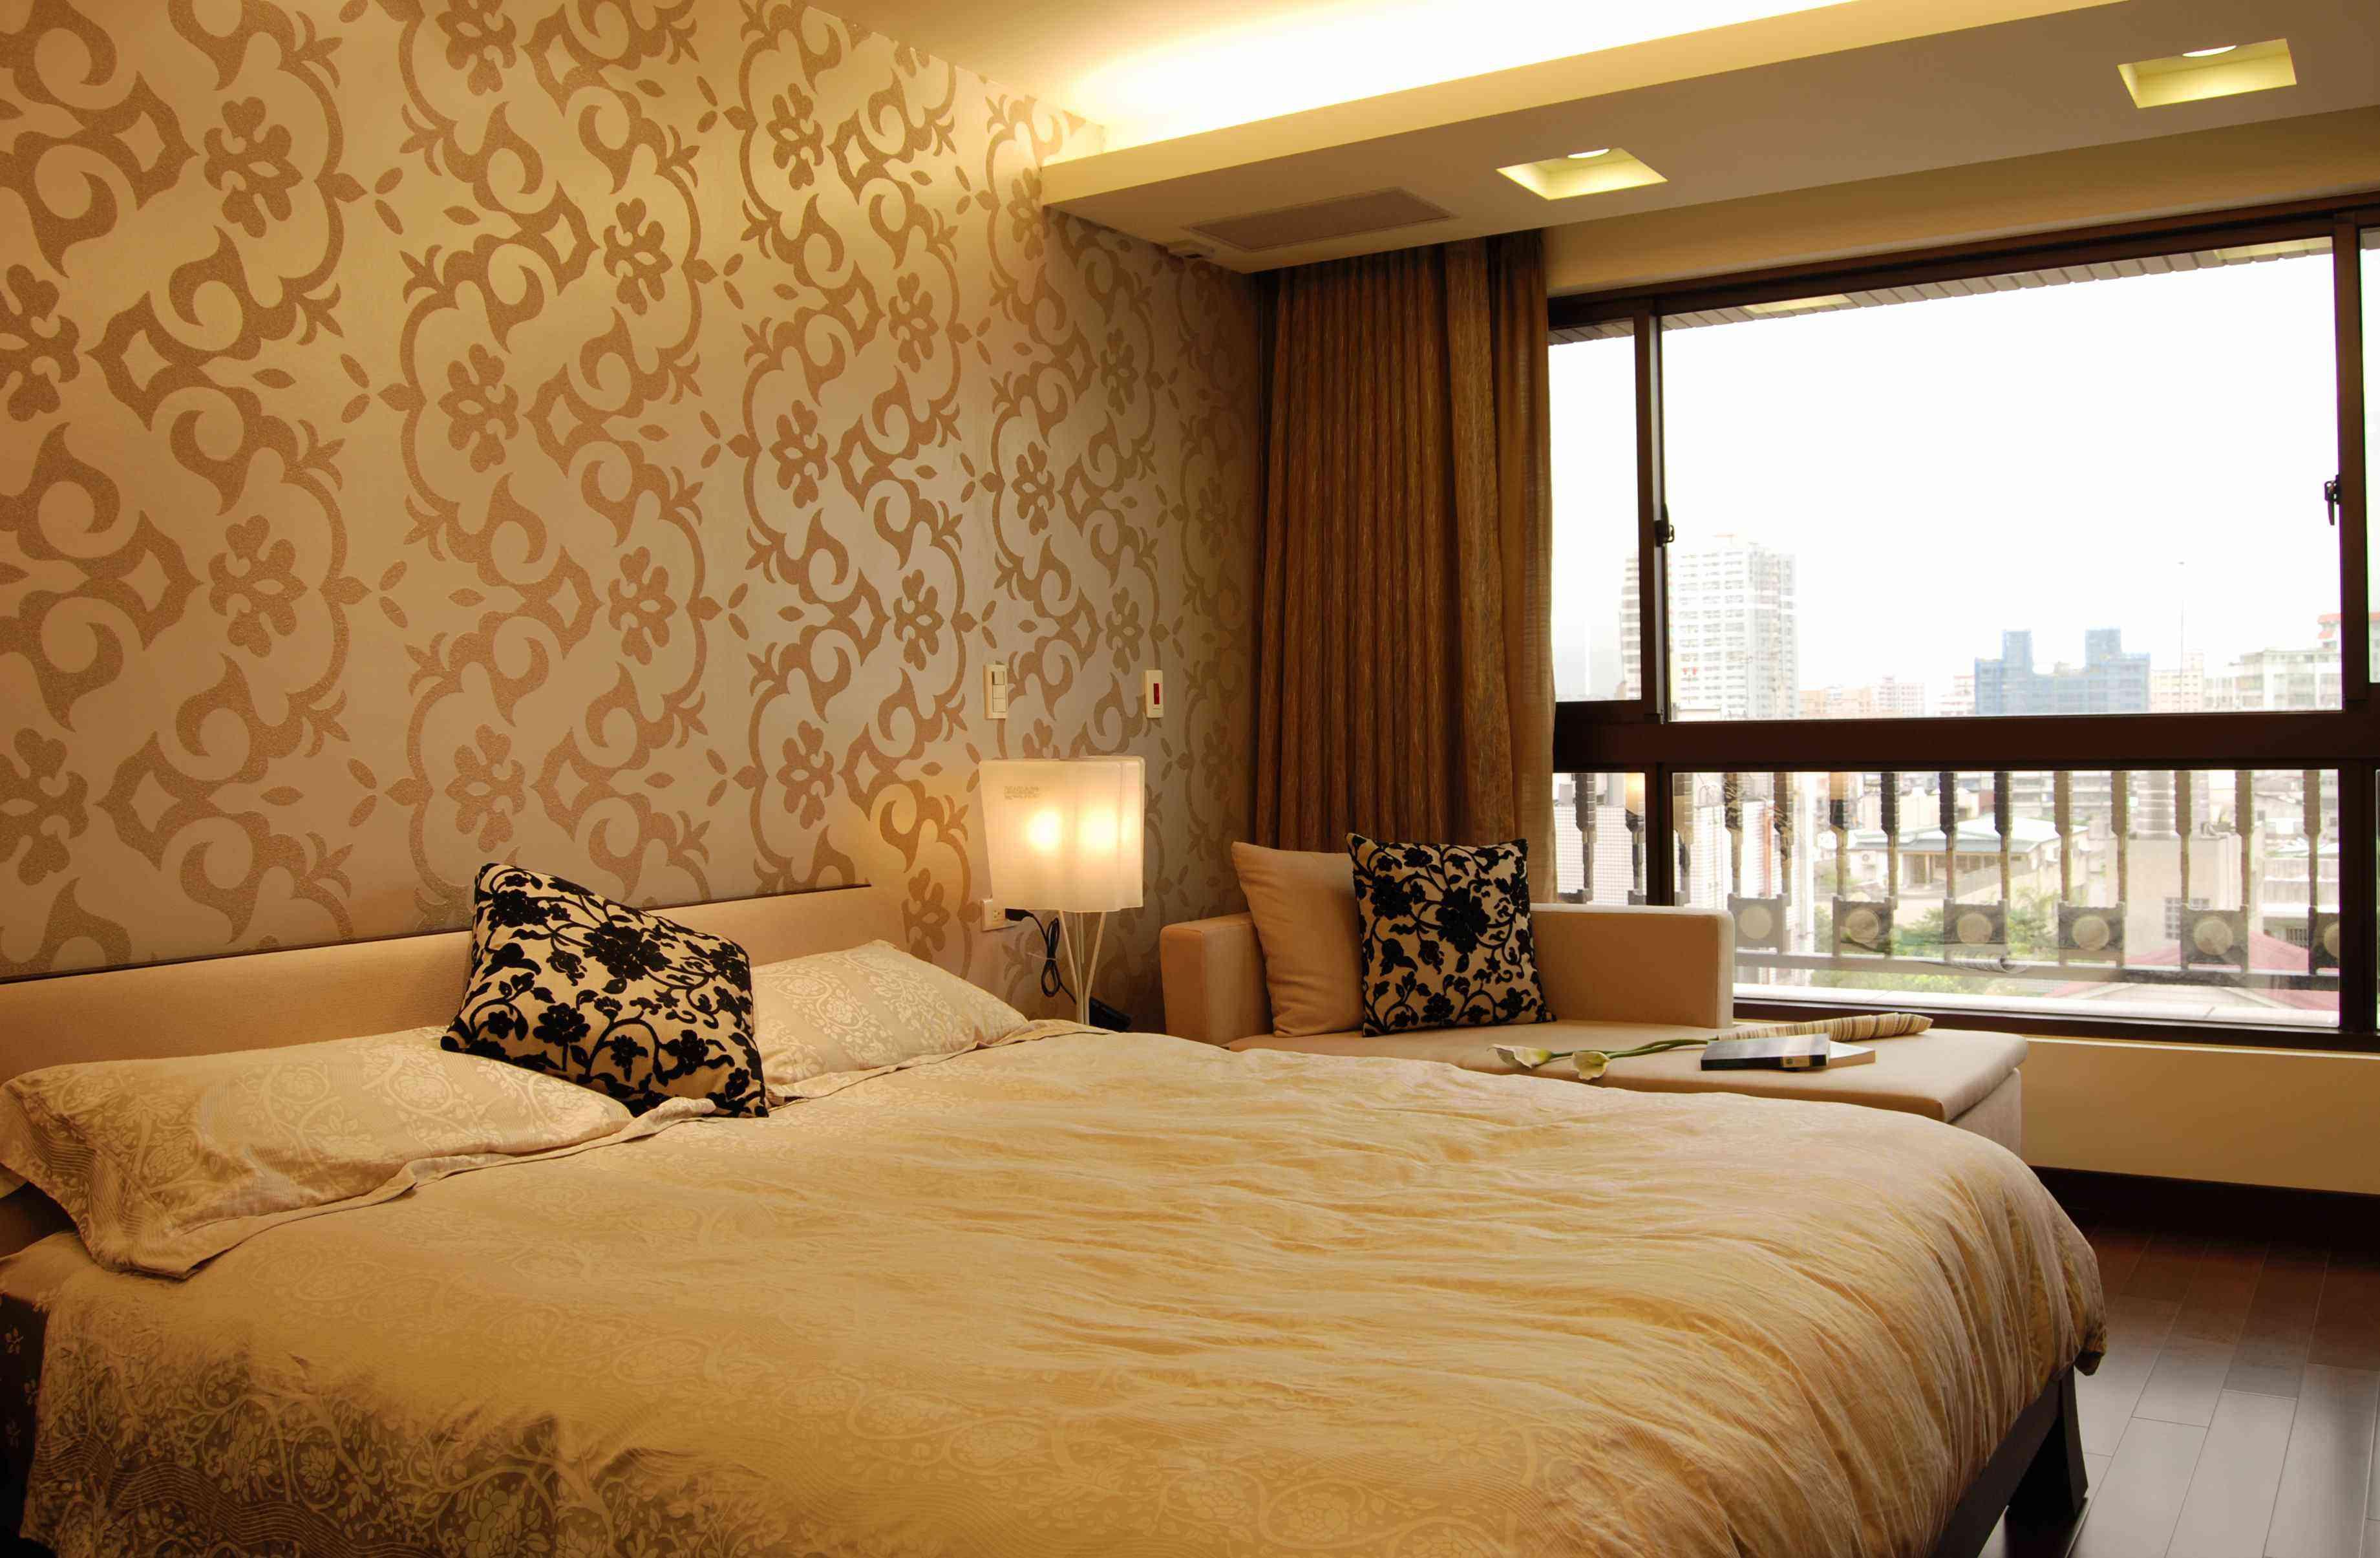 咖啡色中式现代装修风格卧室装饰效果图